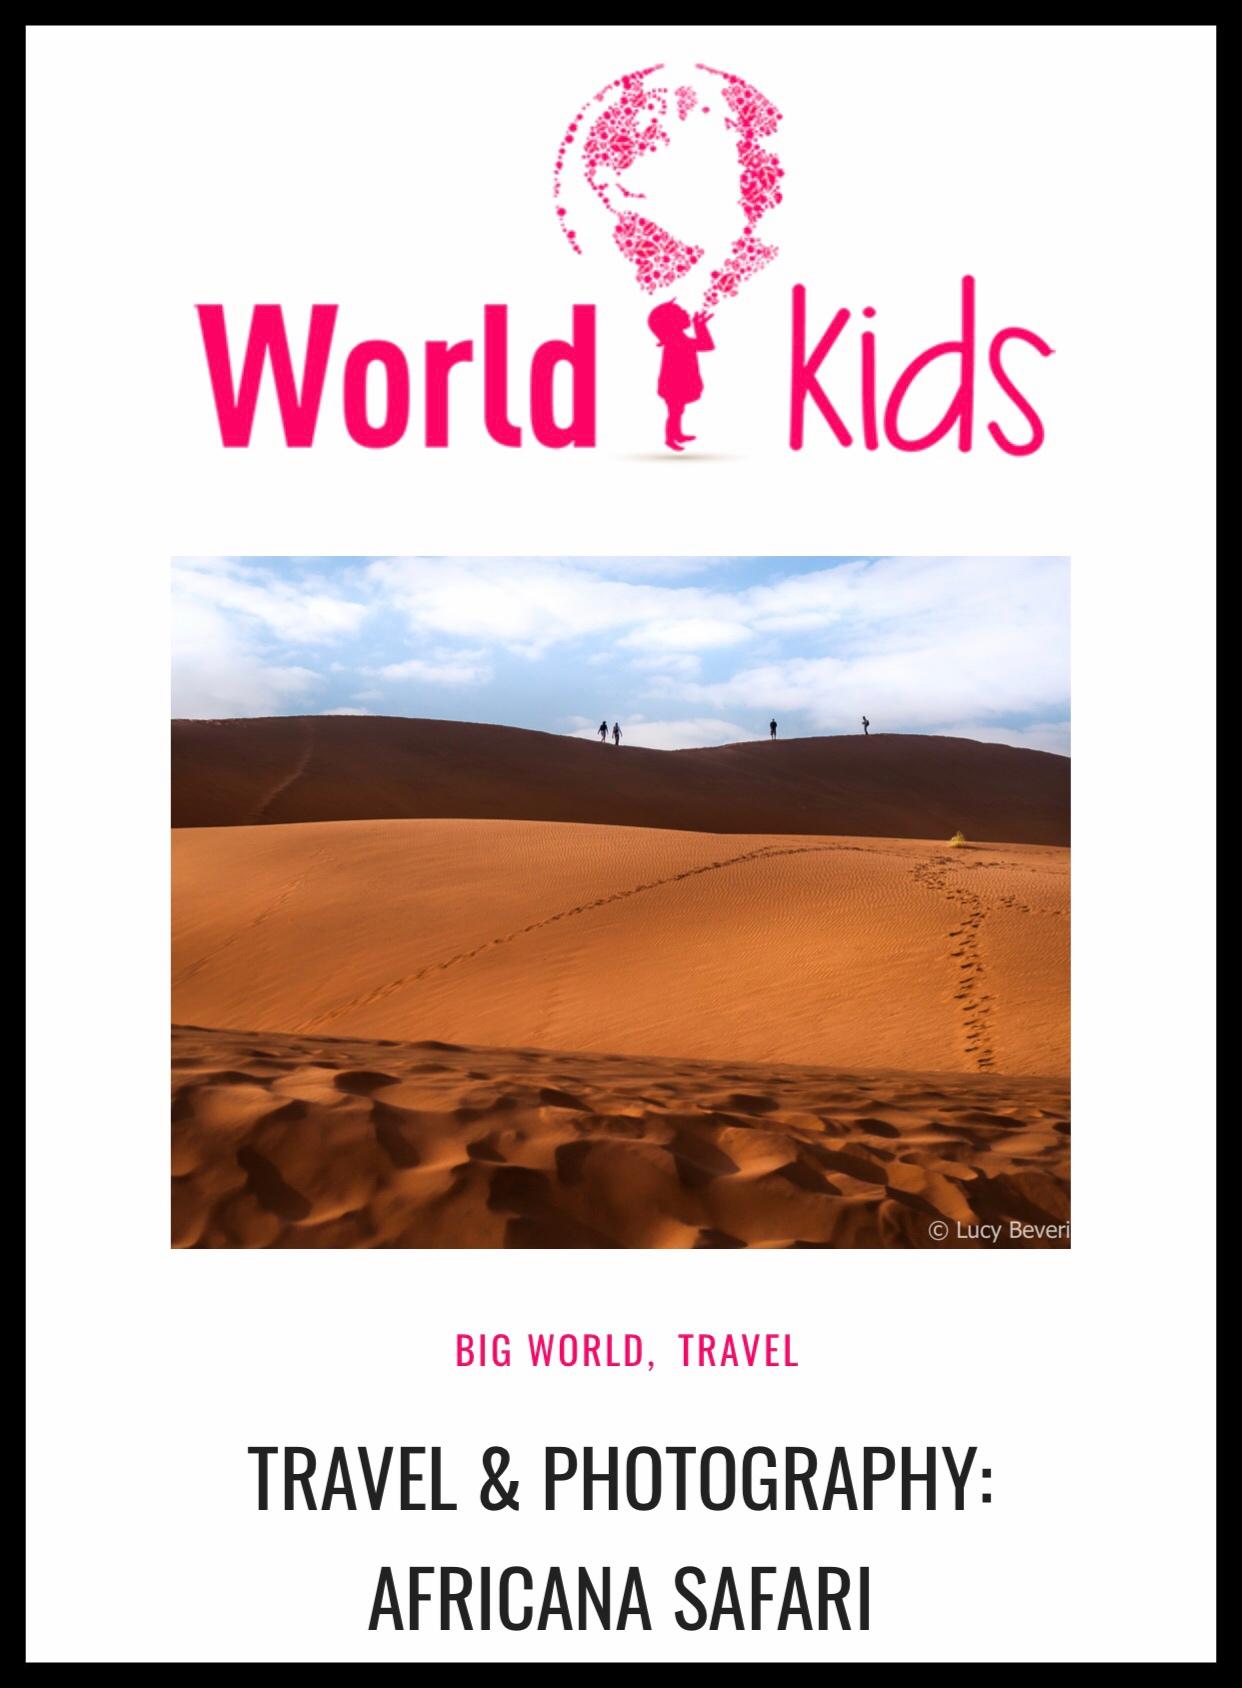 World Kids entrevista a Africana Safari     Africana Safari interview by World Kids